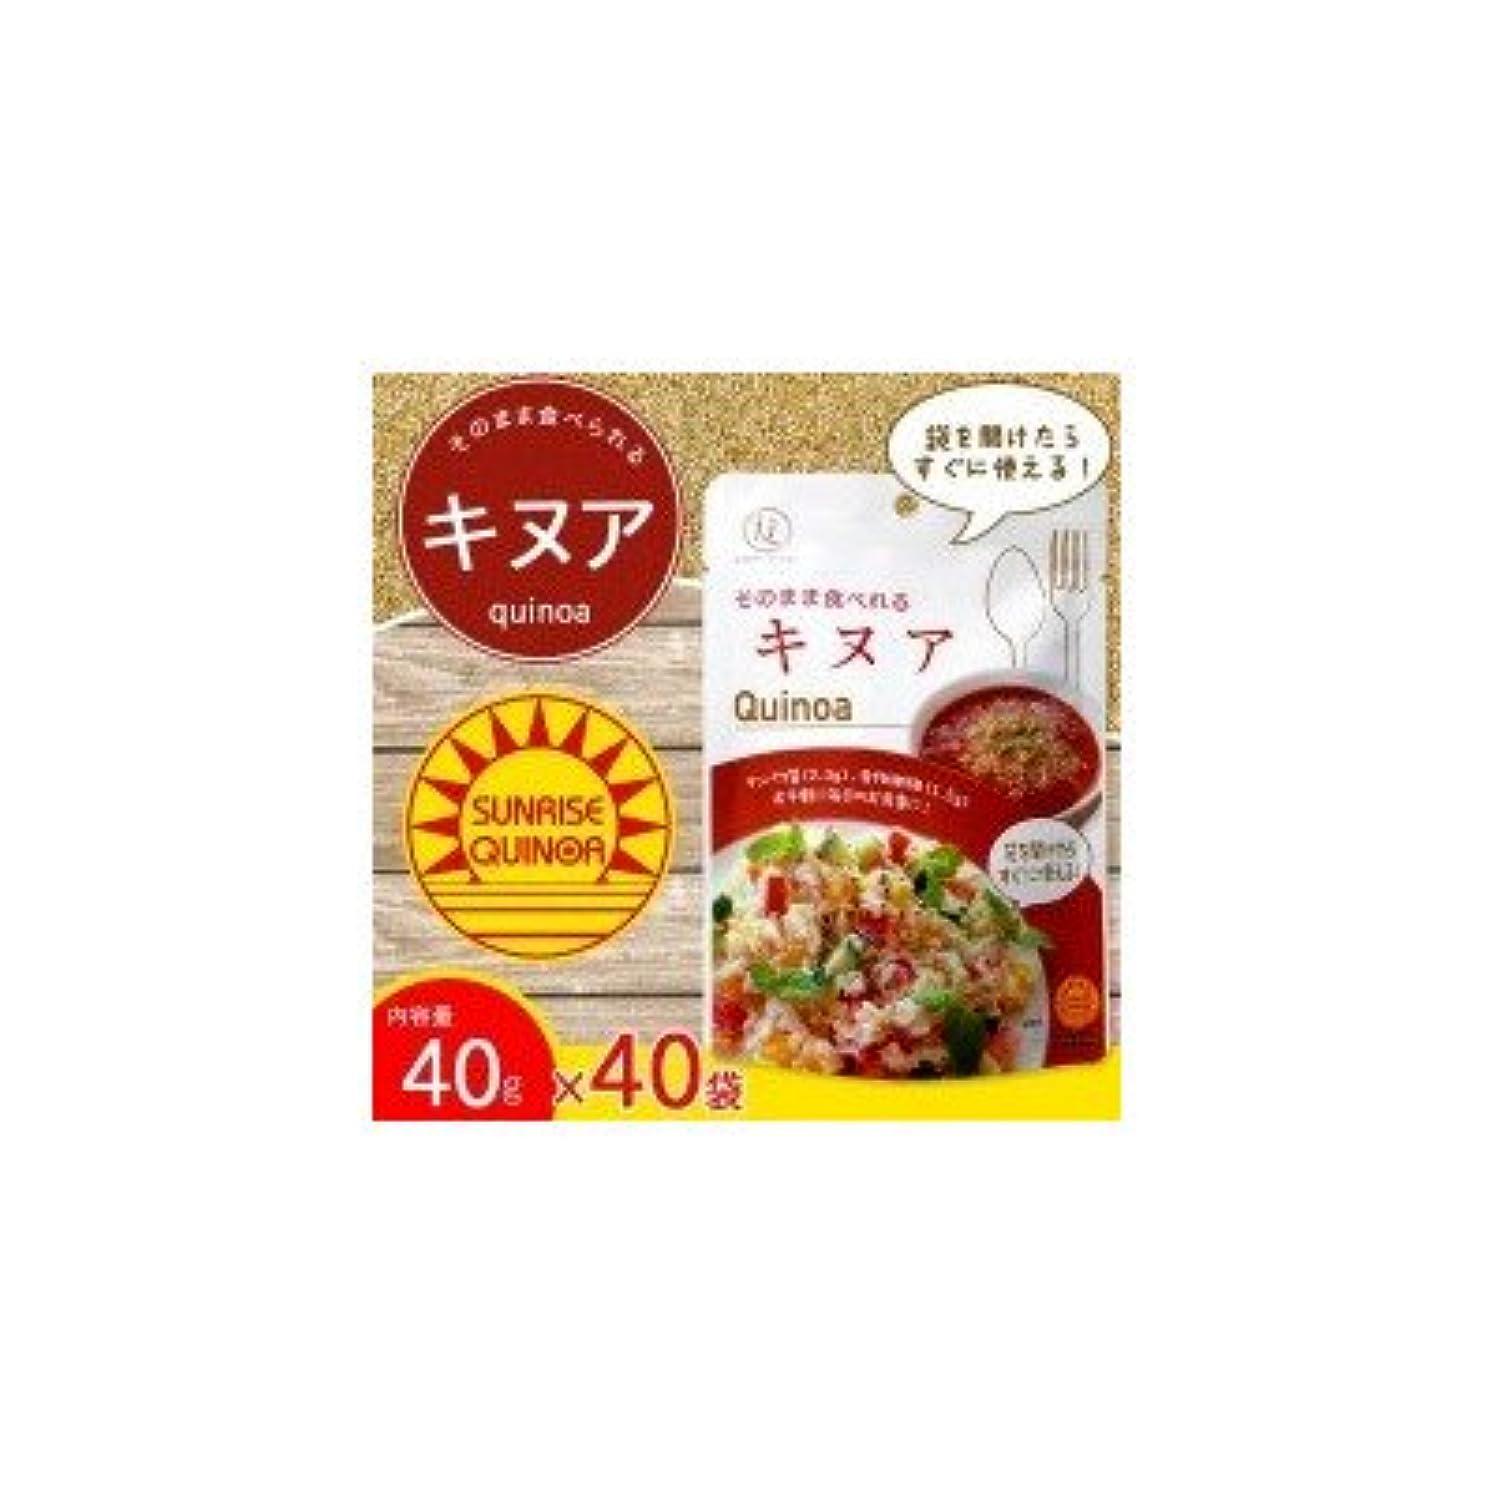 批判する喜び調和そのまま食べれるキヌア 40g×40袋